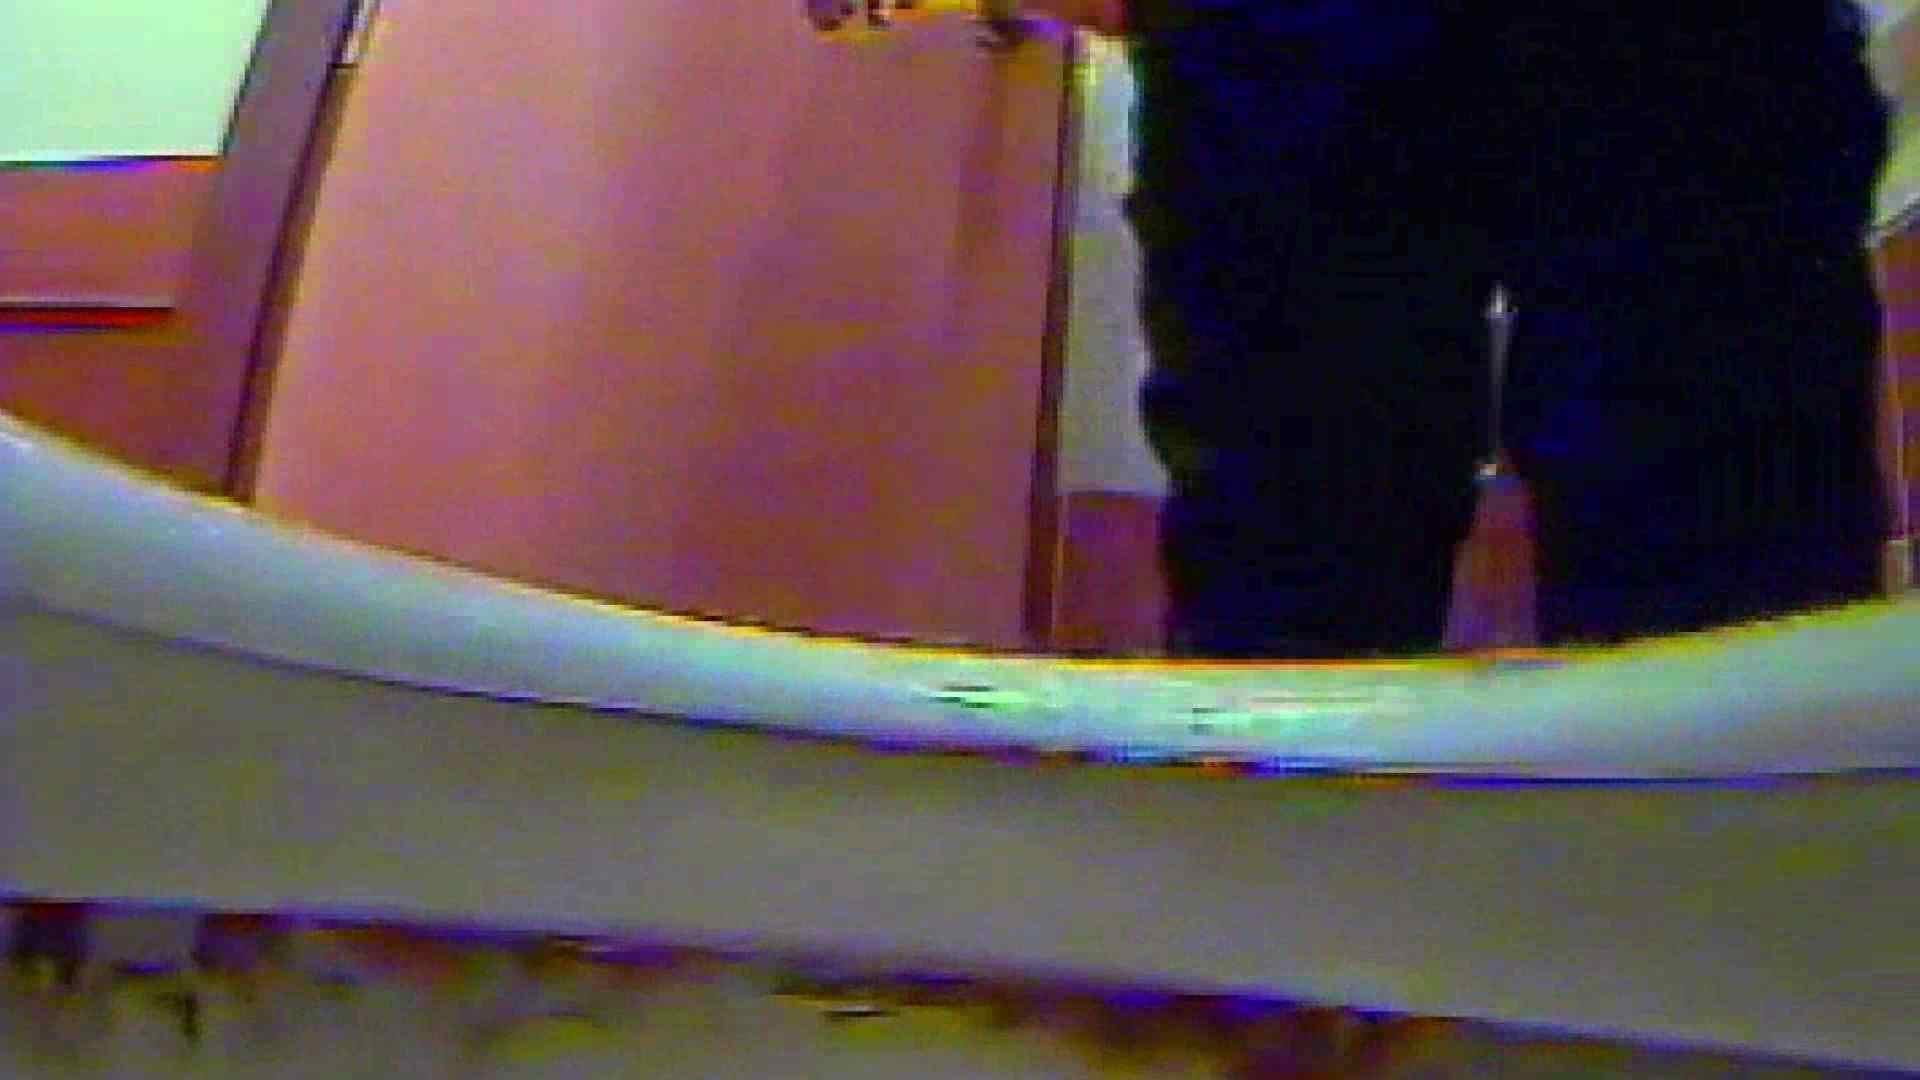 キレカワ女子大生の秘密の洗面所!Vol.014 学校 盗み撮り動画キャプチャ 75pic 39